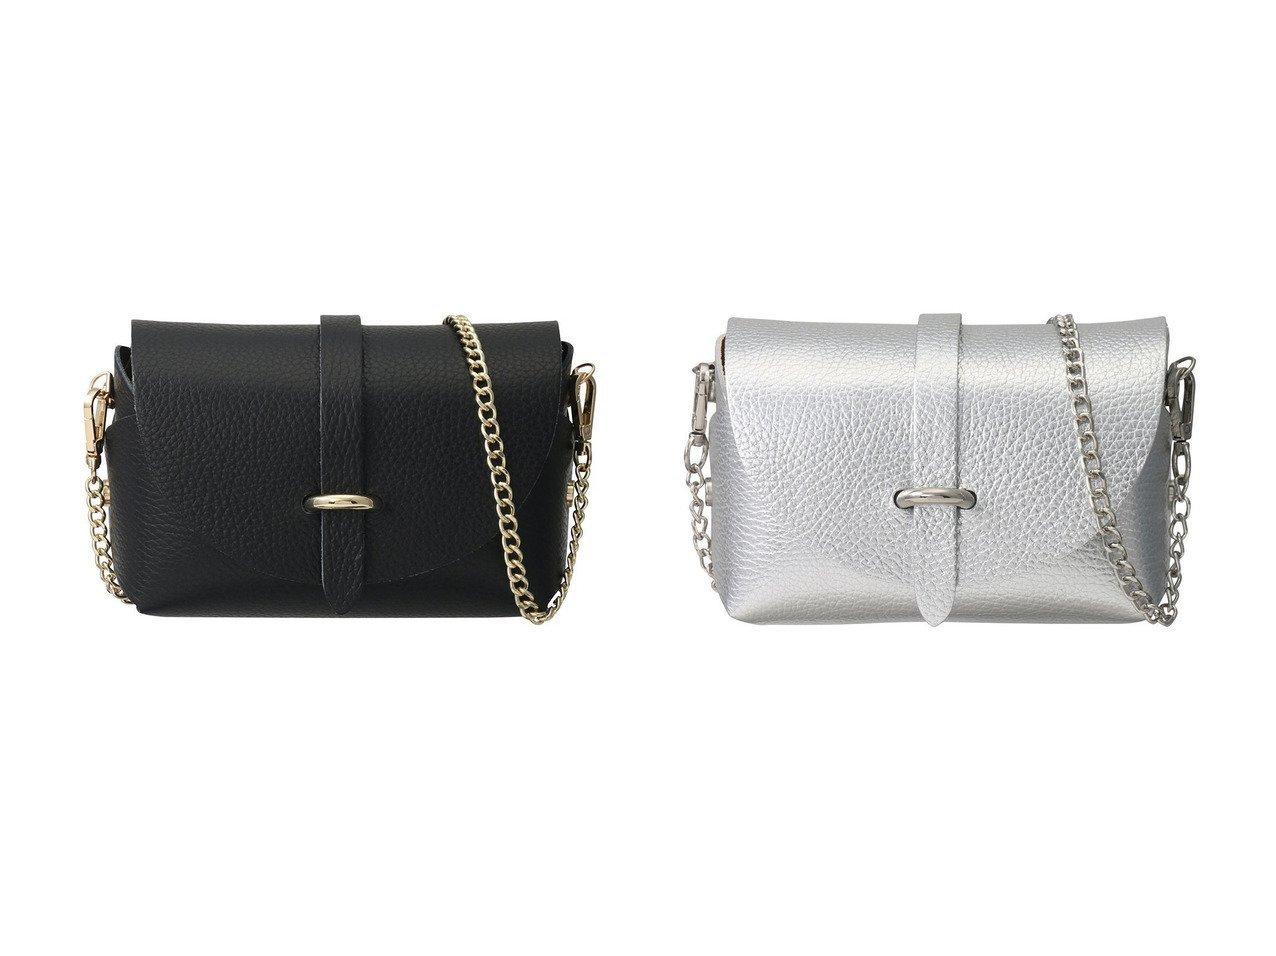 【allureville/アルアバイル】のミニチェーンショルダーバッグ 【バッグ・鞄】おすすめ!人気、トレンド・レディースファッションの通販 おすすめで人気の流行・トレンド、ファッションの通販商品 インテリア・家具・メンズファッション・キッズファッション・レディースファッション・服の通販 founy(ファニー) https://founy.com/ ファッション Fashion レディースファッション WOMEN バッグ Bag 2021年 2021 2021-2022秋冬・A/W AW・Autumn/Winter・FW・Fall-Winter・2021-2022 A/W・秋冬 AW・Autumn/Winter・FW・Fall-Winter チェーン  ID:crp329100000055102